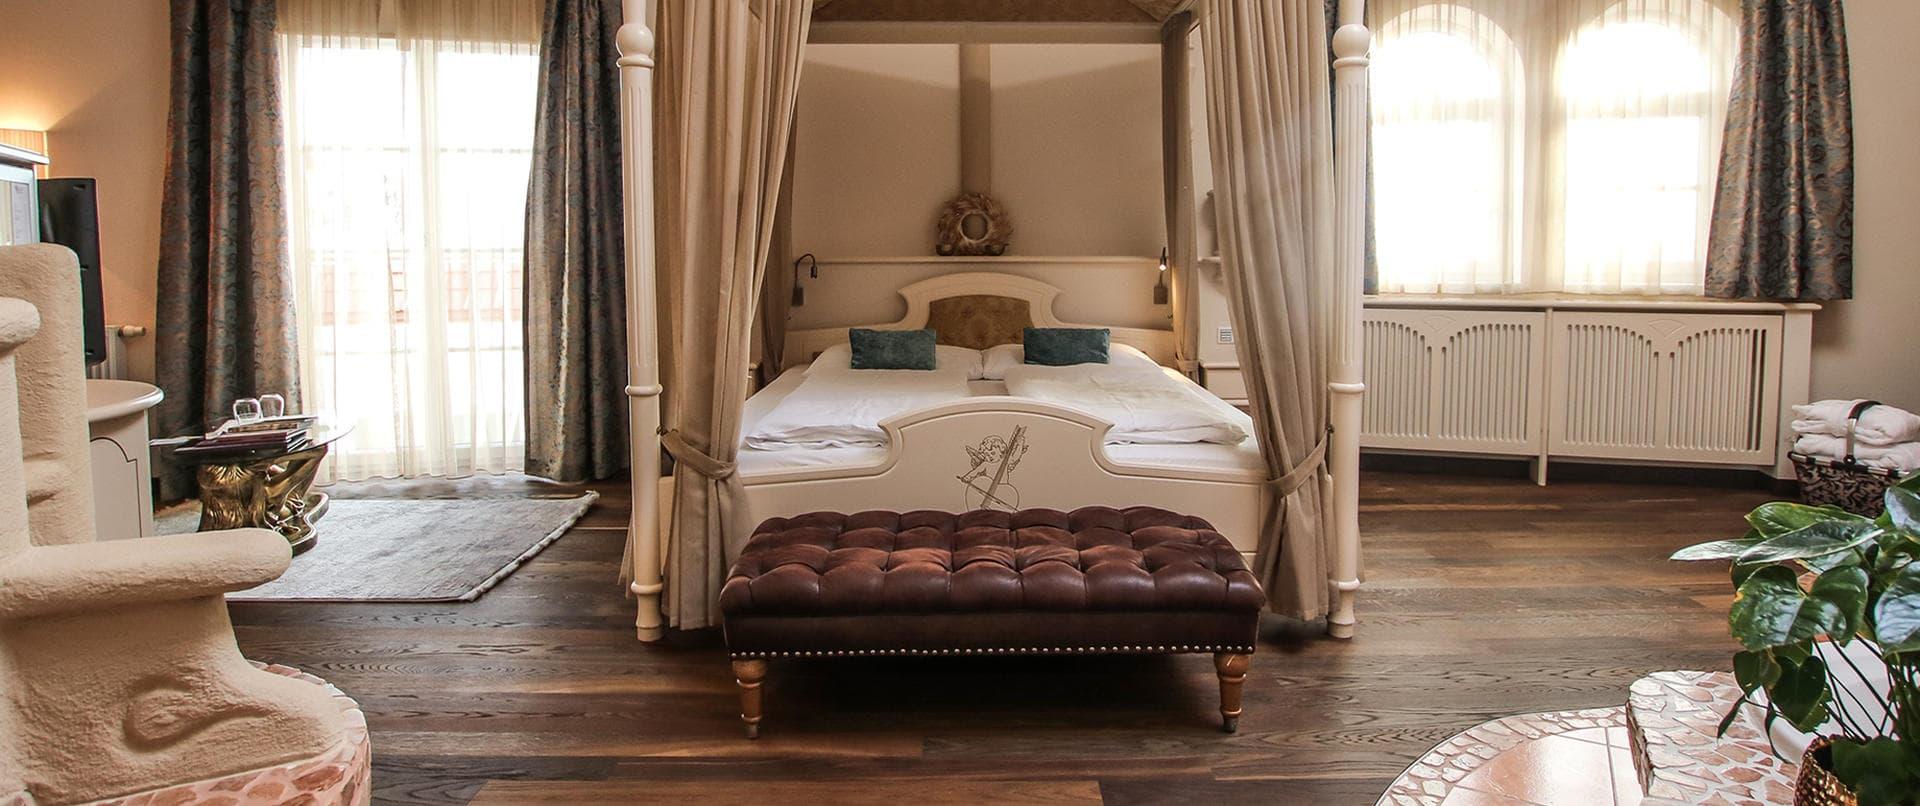 Luft Liebe Suite Hotel Bergergut S Loveness Genusshotel